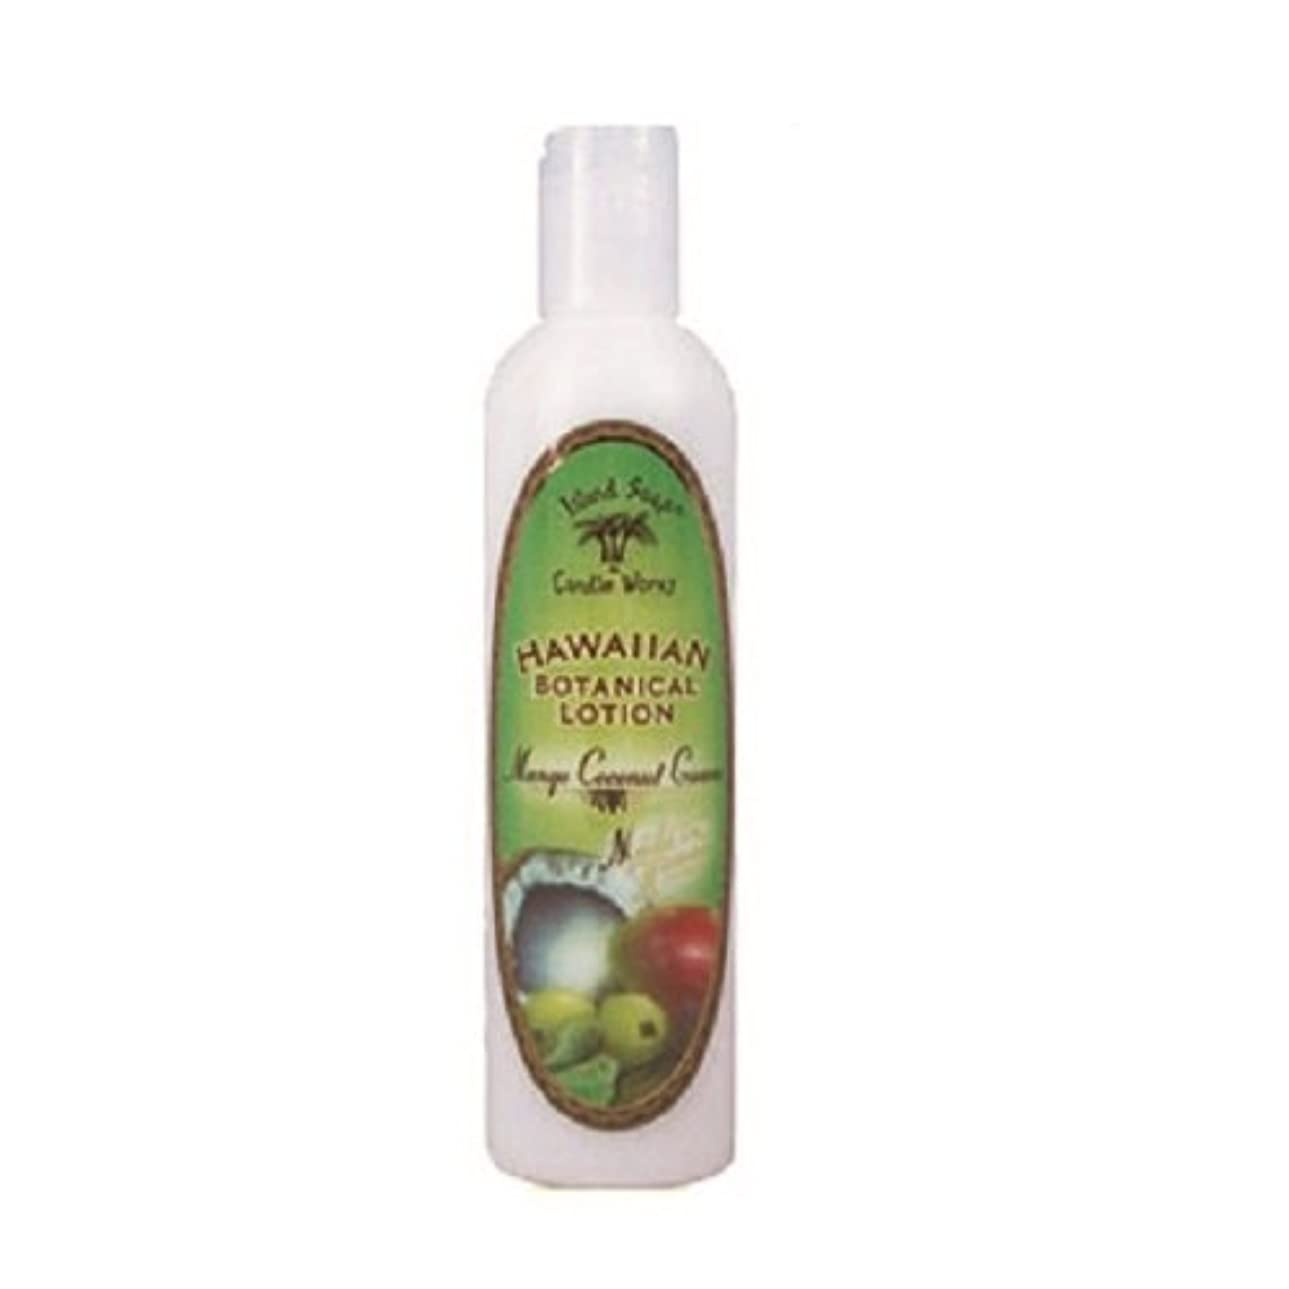 消える騒ぎ研磨剤トロピカルローション 8.5ozマンゴココナッツ